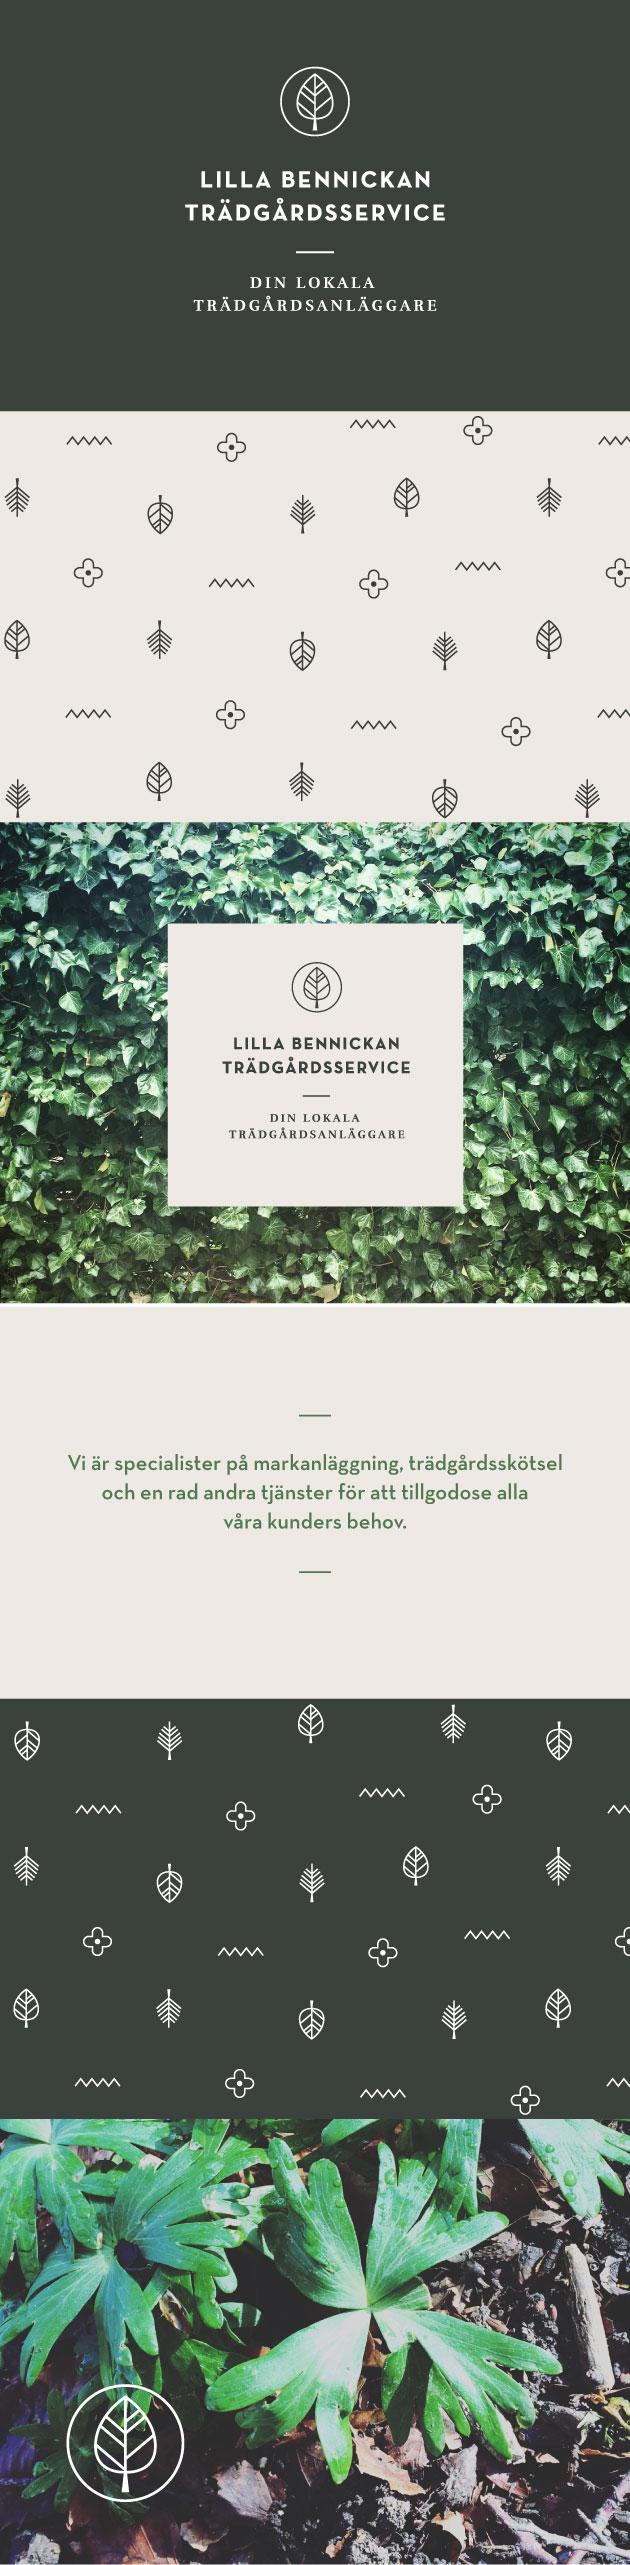 grafisk profil åt trädgårdsmästeri, bild på växter samt olika versioner av logotypen